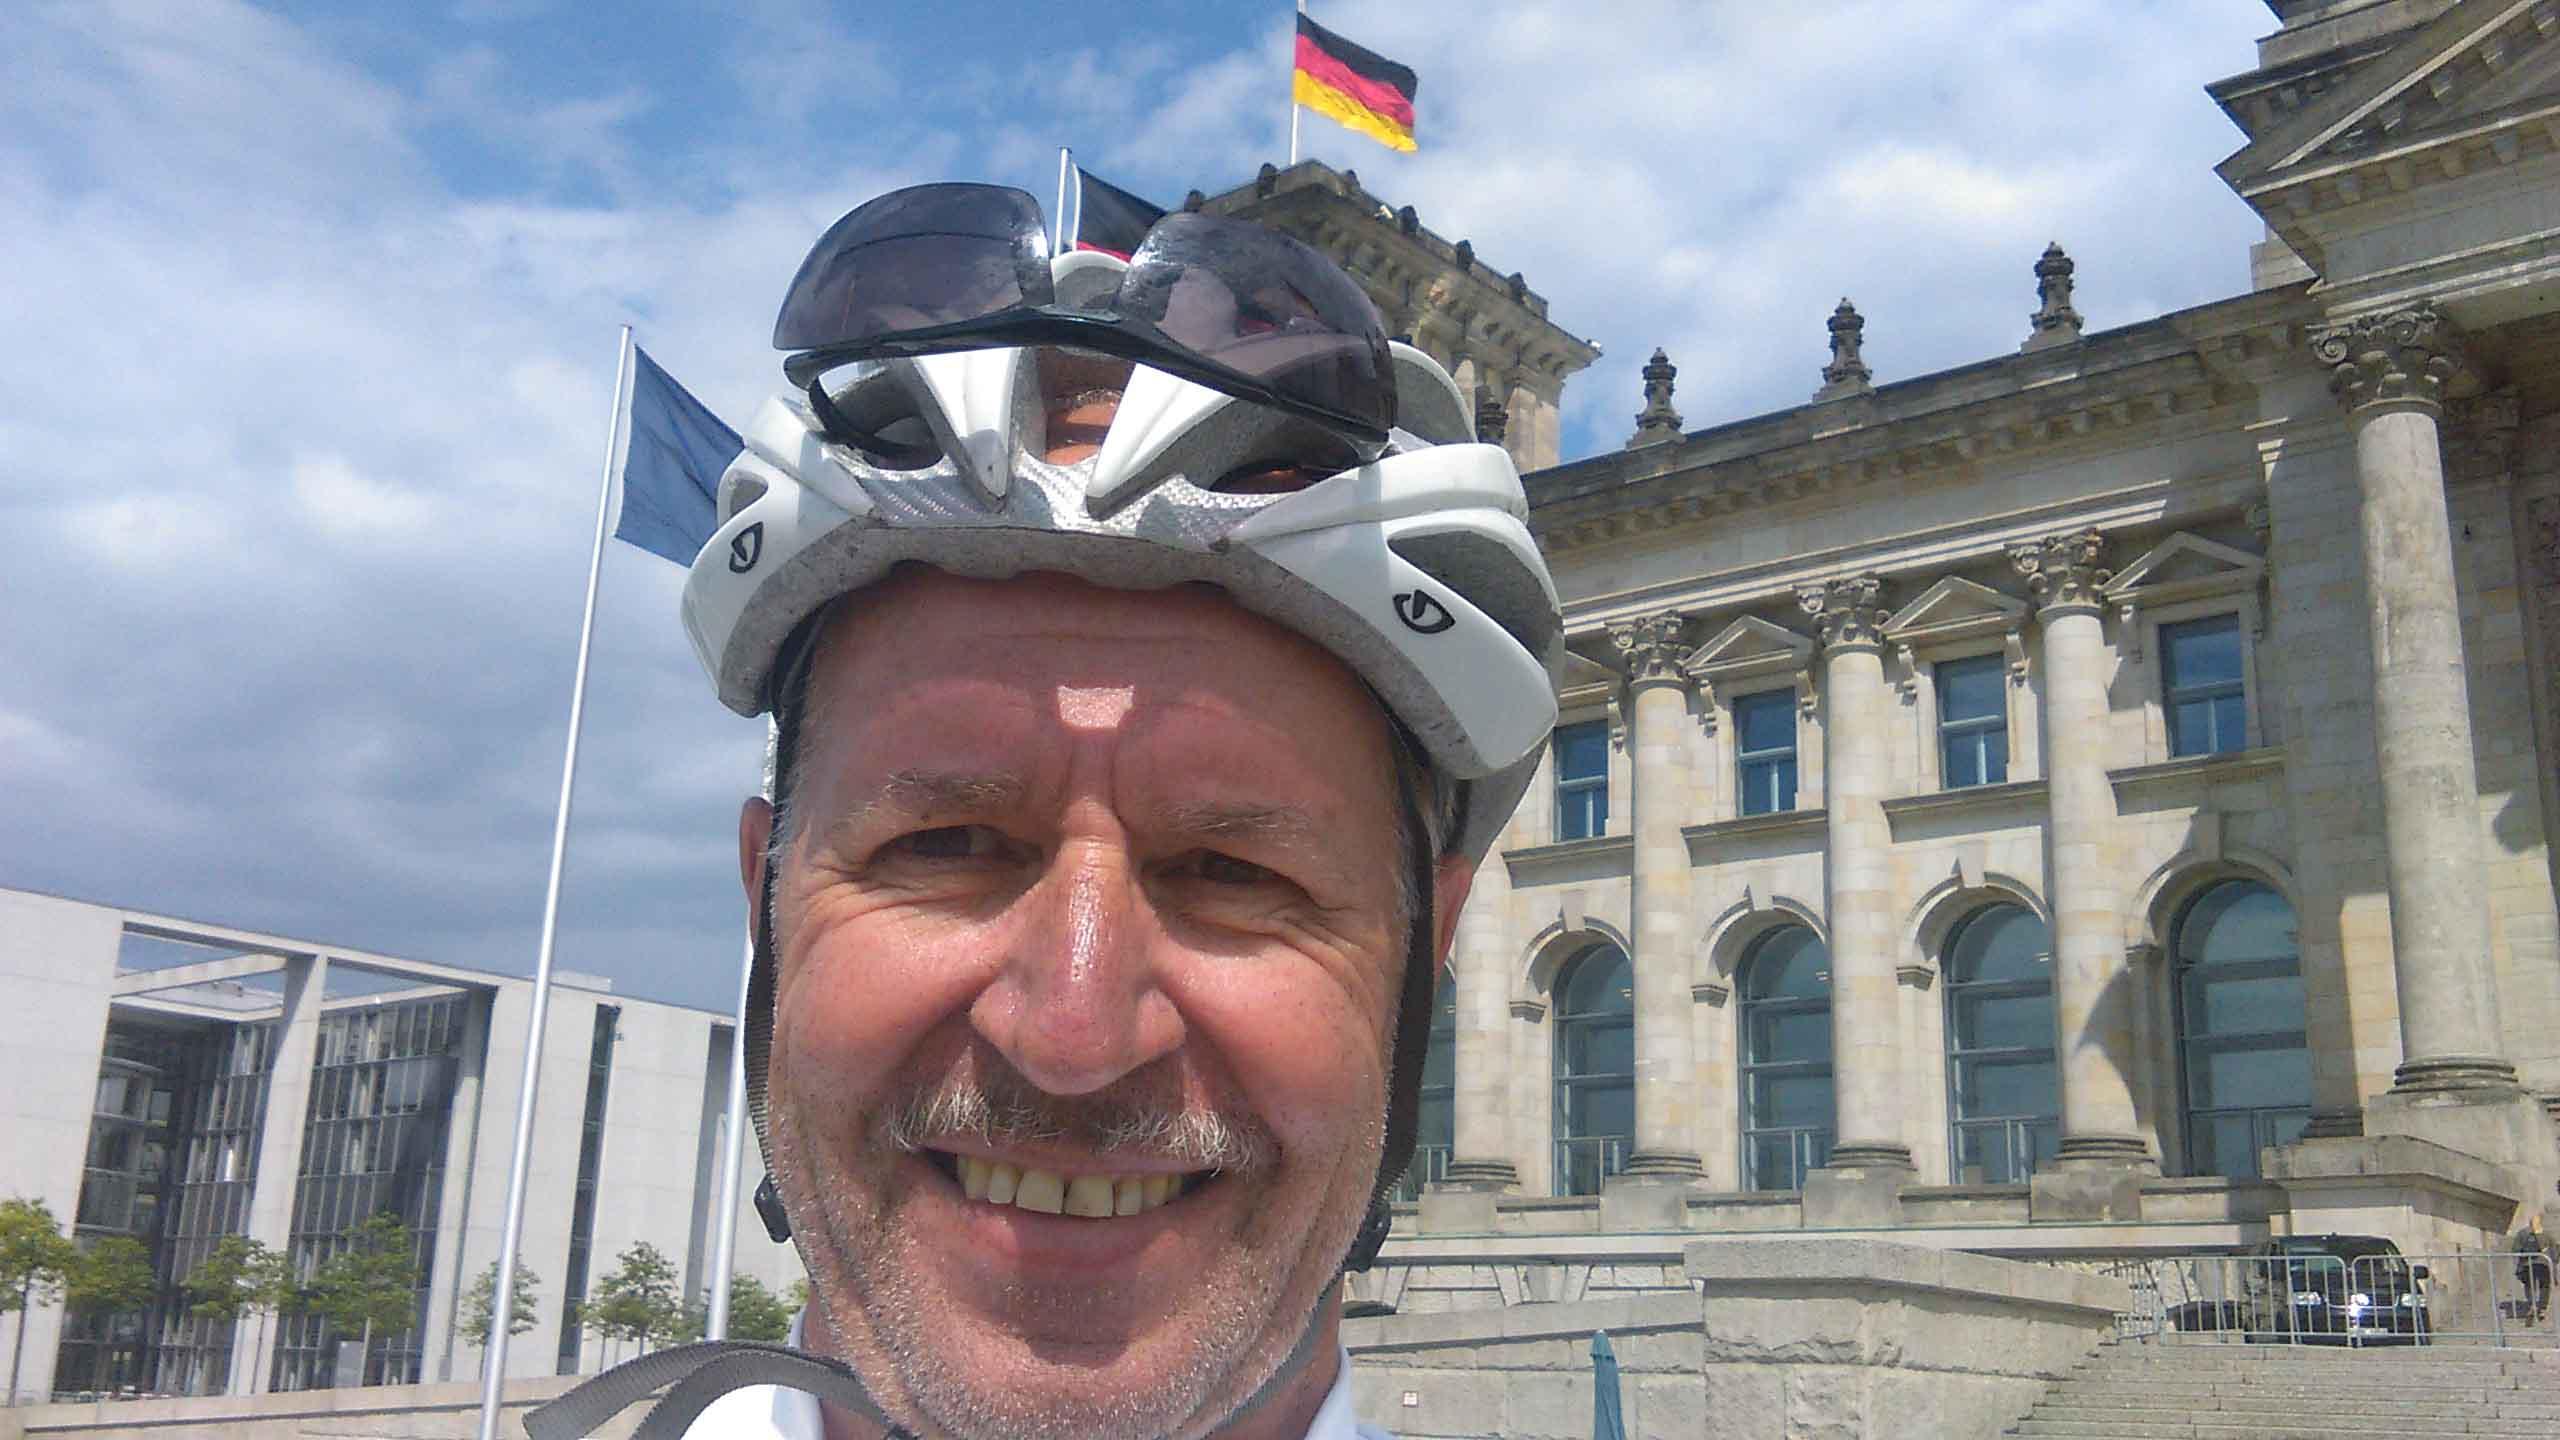 Der Abschluss einer Radreise durch den Sommer in Dänemark und Mecklenburg: ein Selfie vor dem Reichstag.